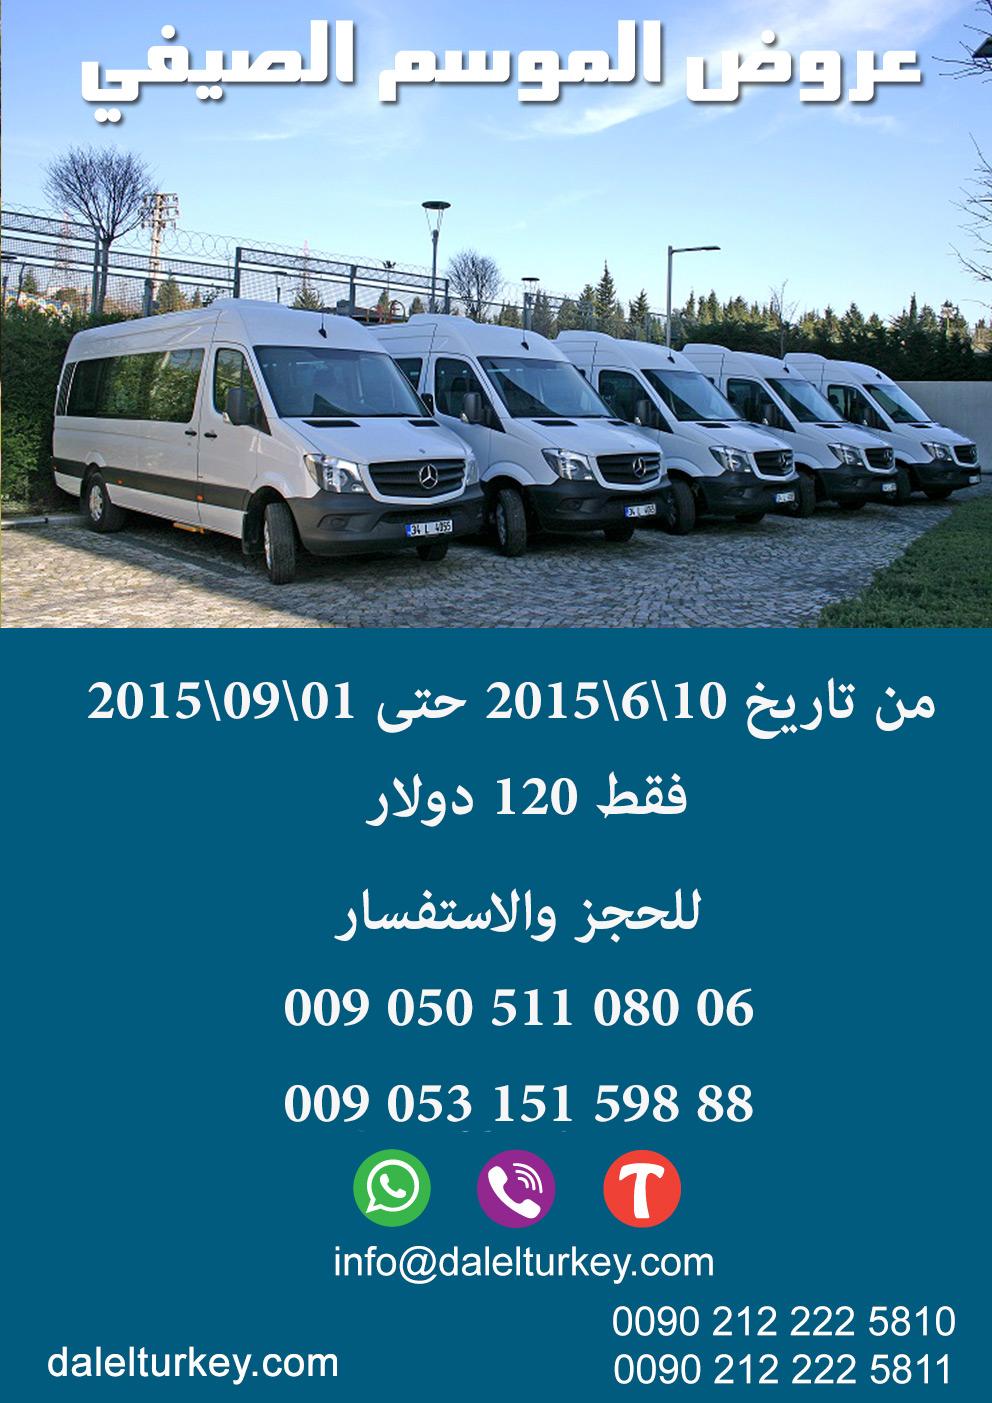 استئجار تاجير سيارات طرابزون تركيا دليل poster-3.jpg